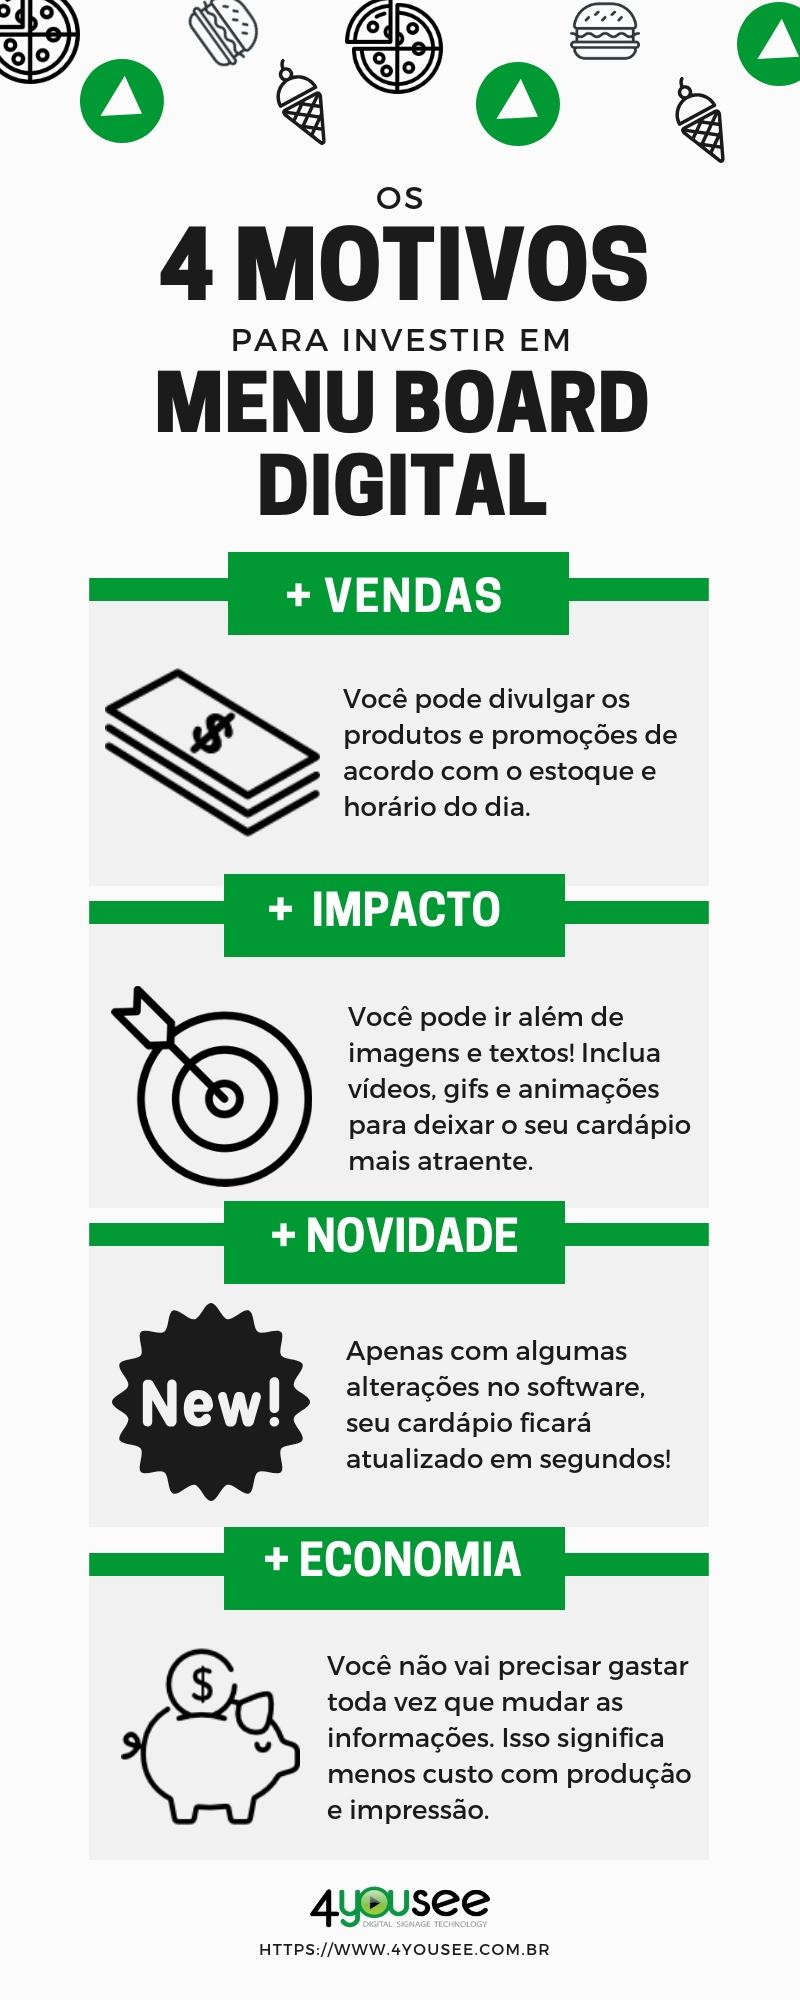 4-motivos-para-investir-em-menu-board-digital